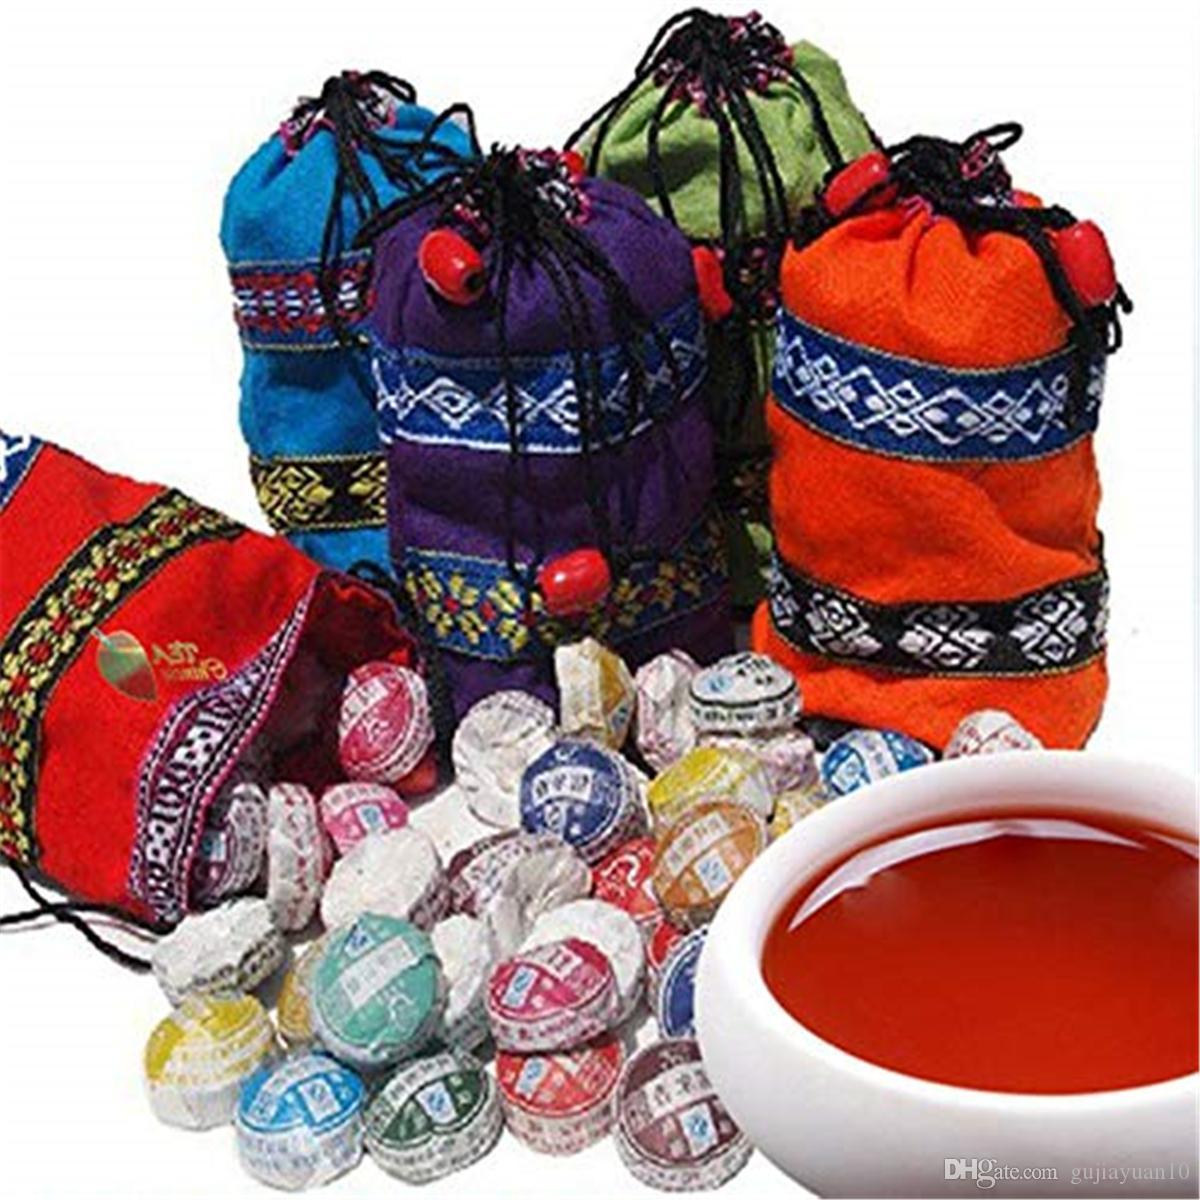 210 ~ 250г Юньнань 10 видов различных вкусов чая пуэр Рекомендуемые сырцового Пуэр Чай Органические Природный Старое дерево пуэр чай Preferred